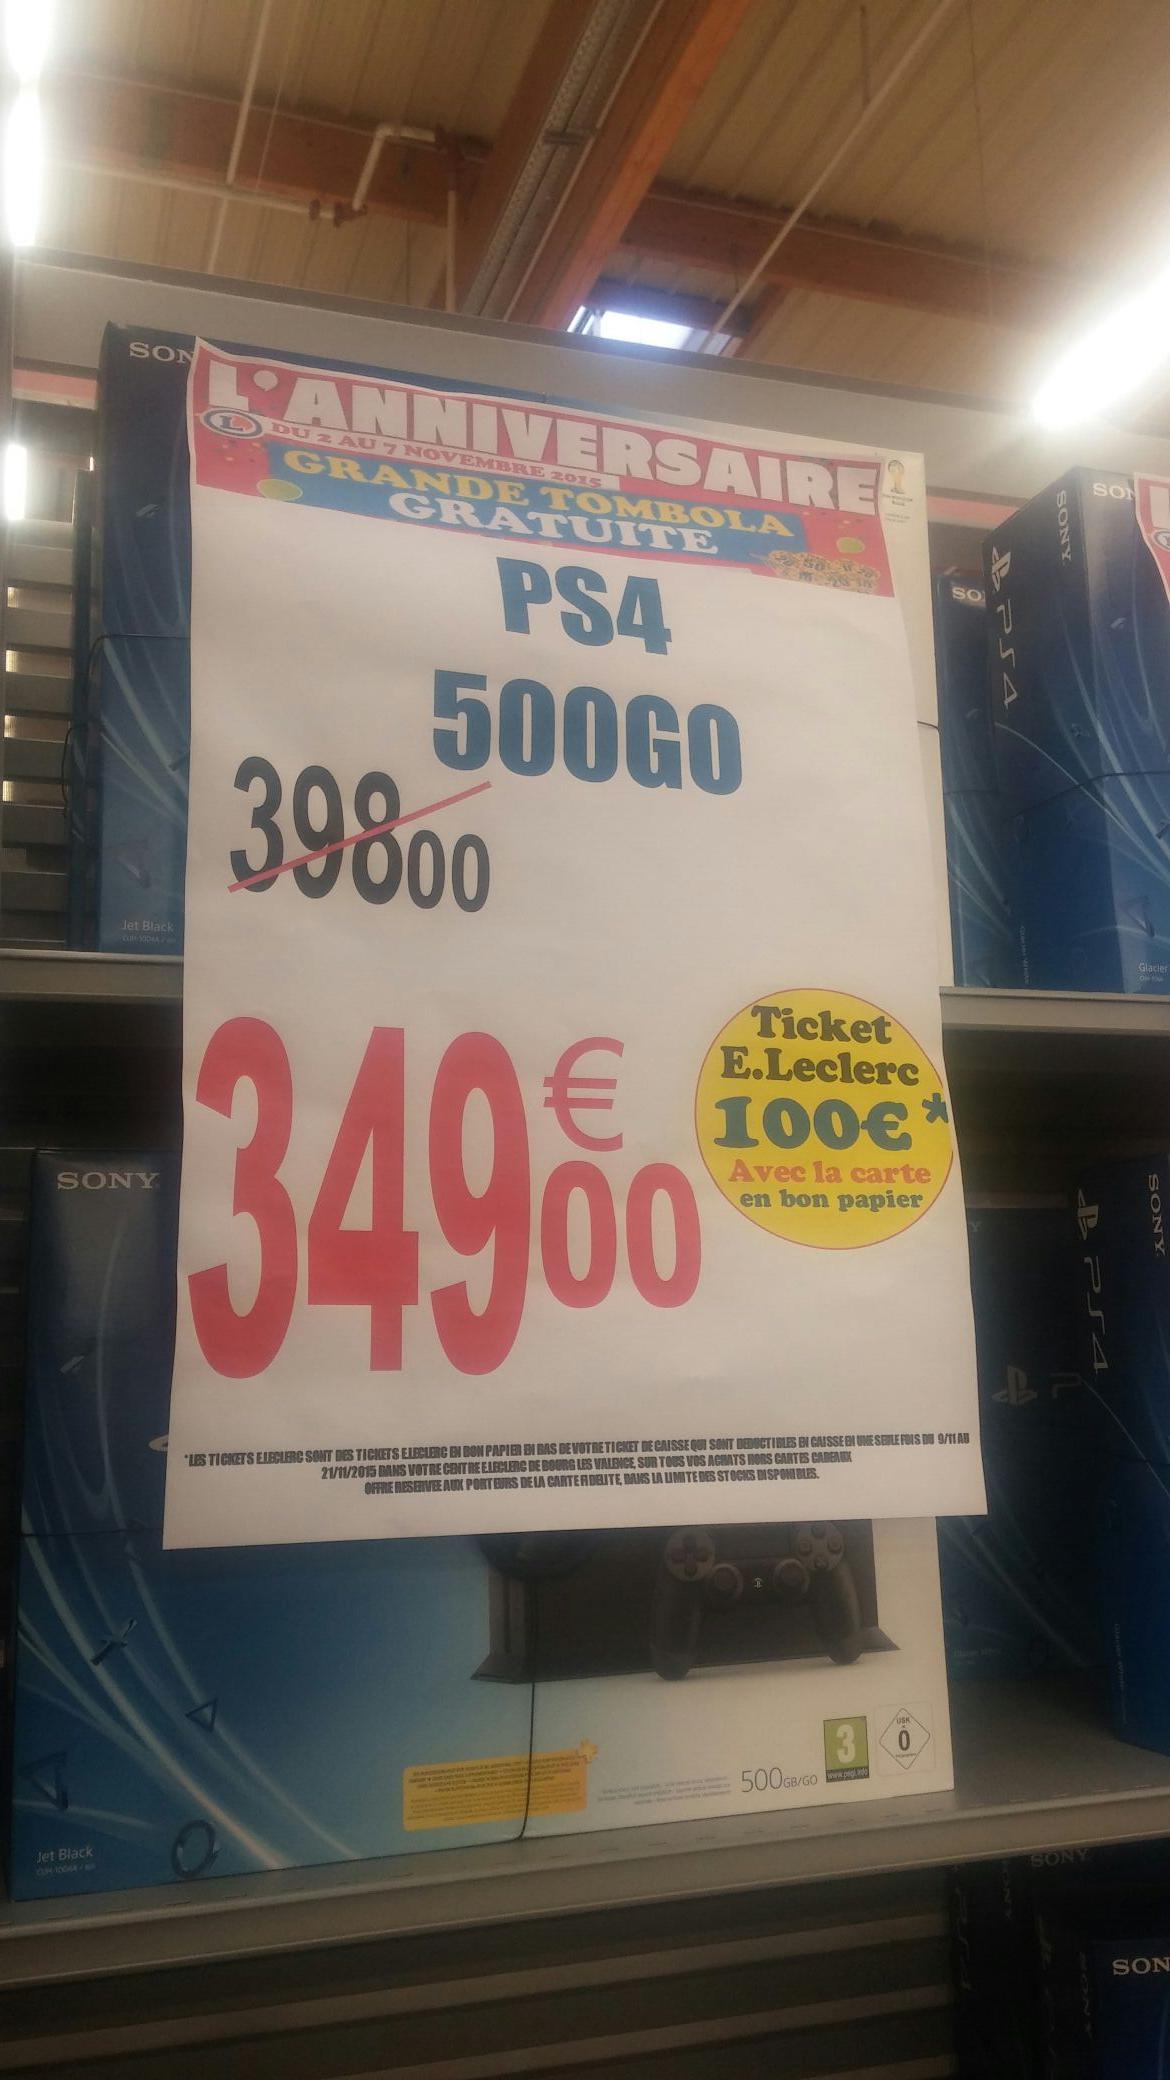 Console Sony Playstation 4 - 500 Go Blanche ou Noire (100€ sur la carte)